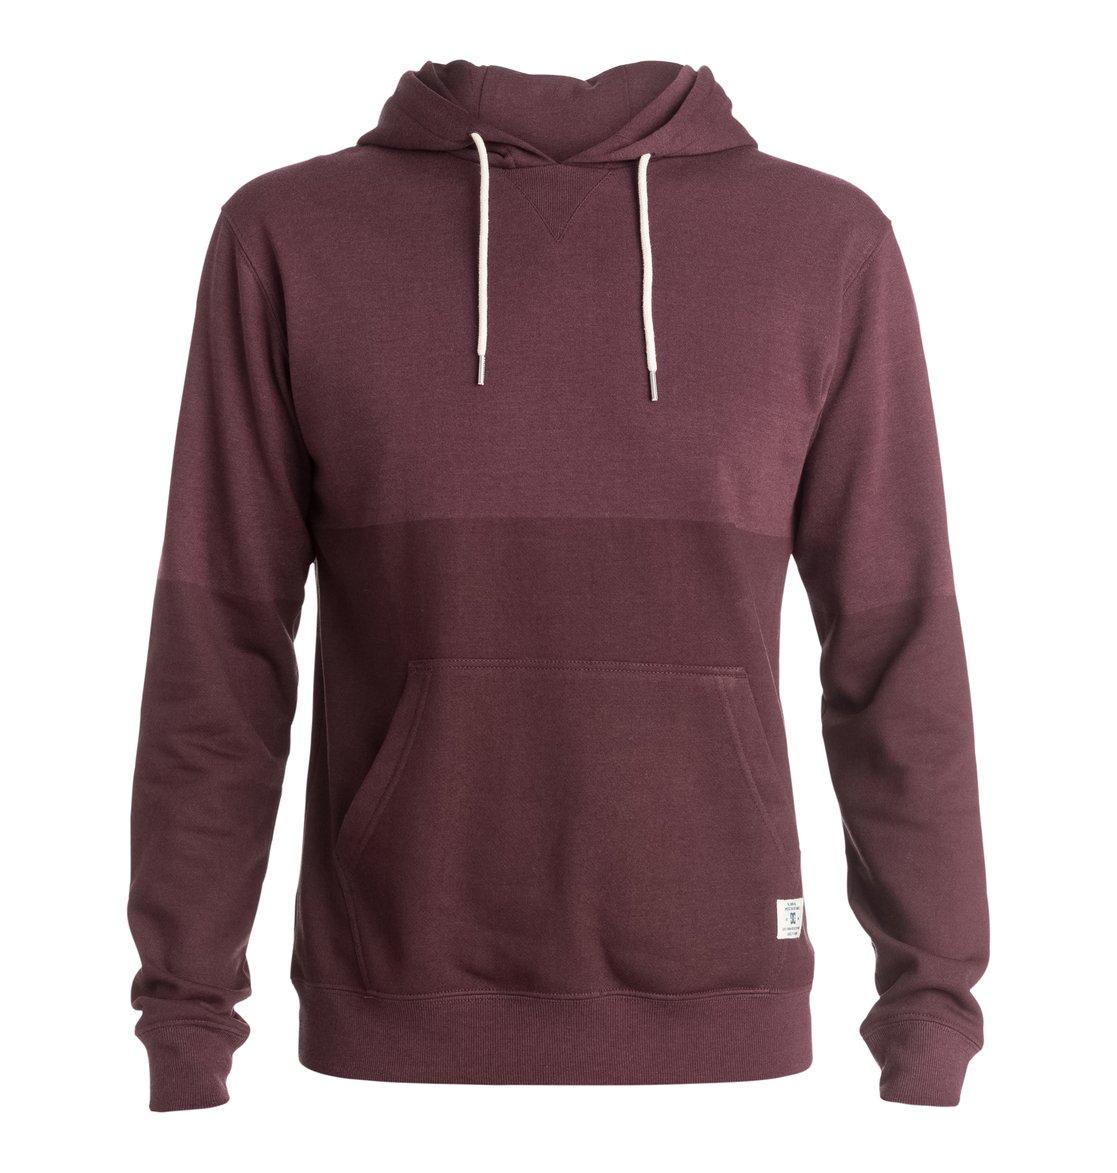 Dc hoodies